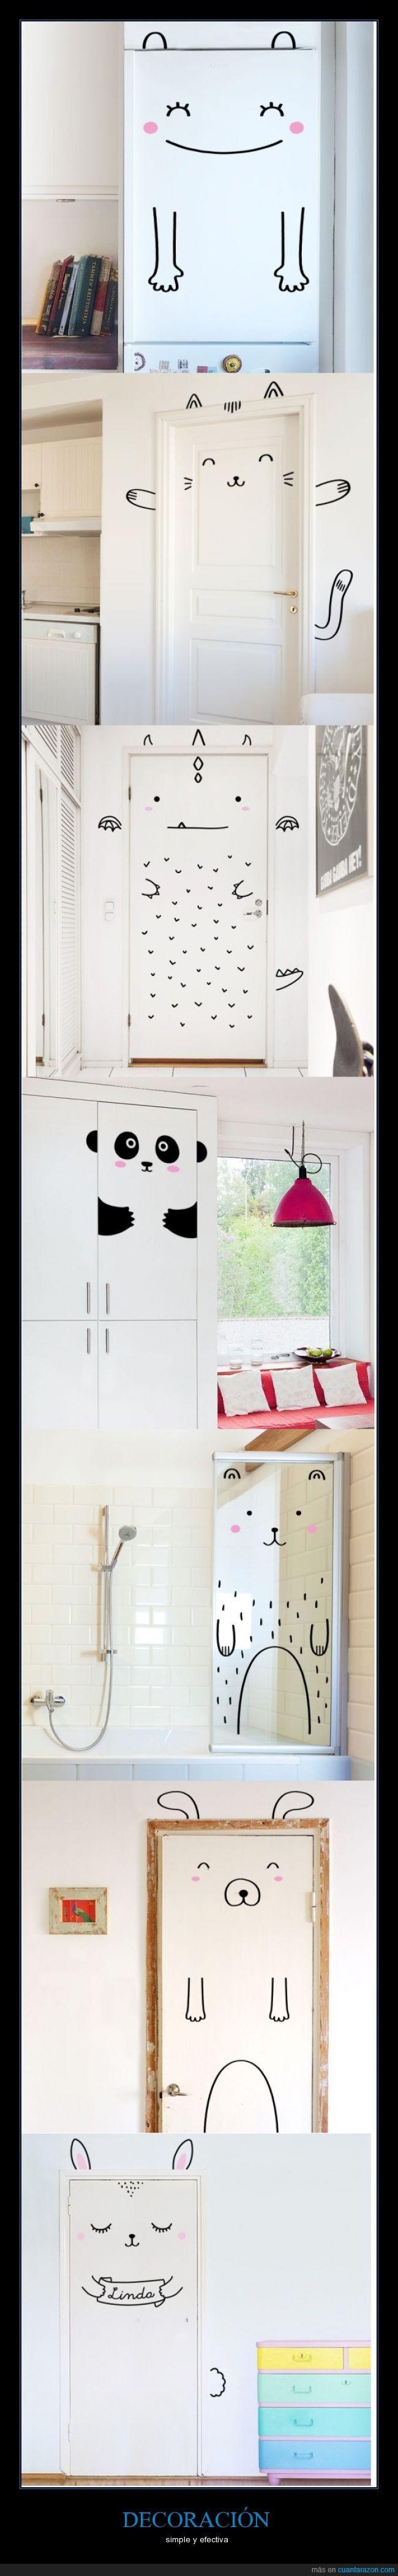 décoration porte chambres enfants | Kinder | Pinterest | Dans la ...